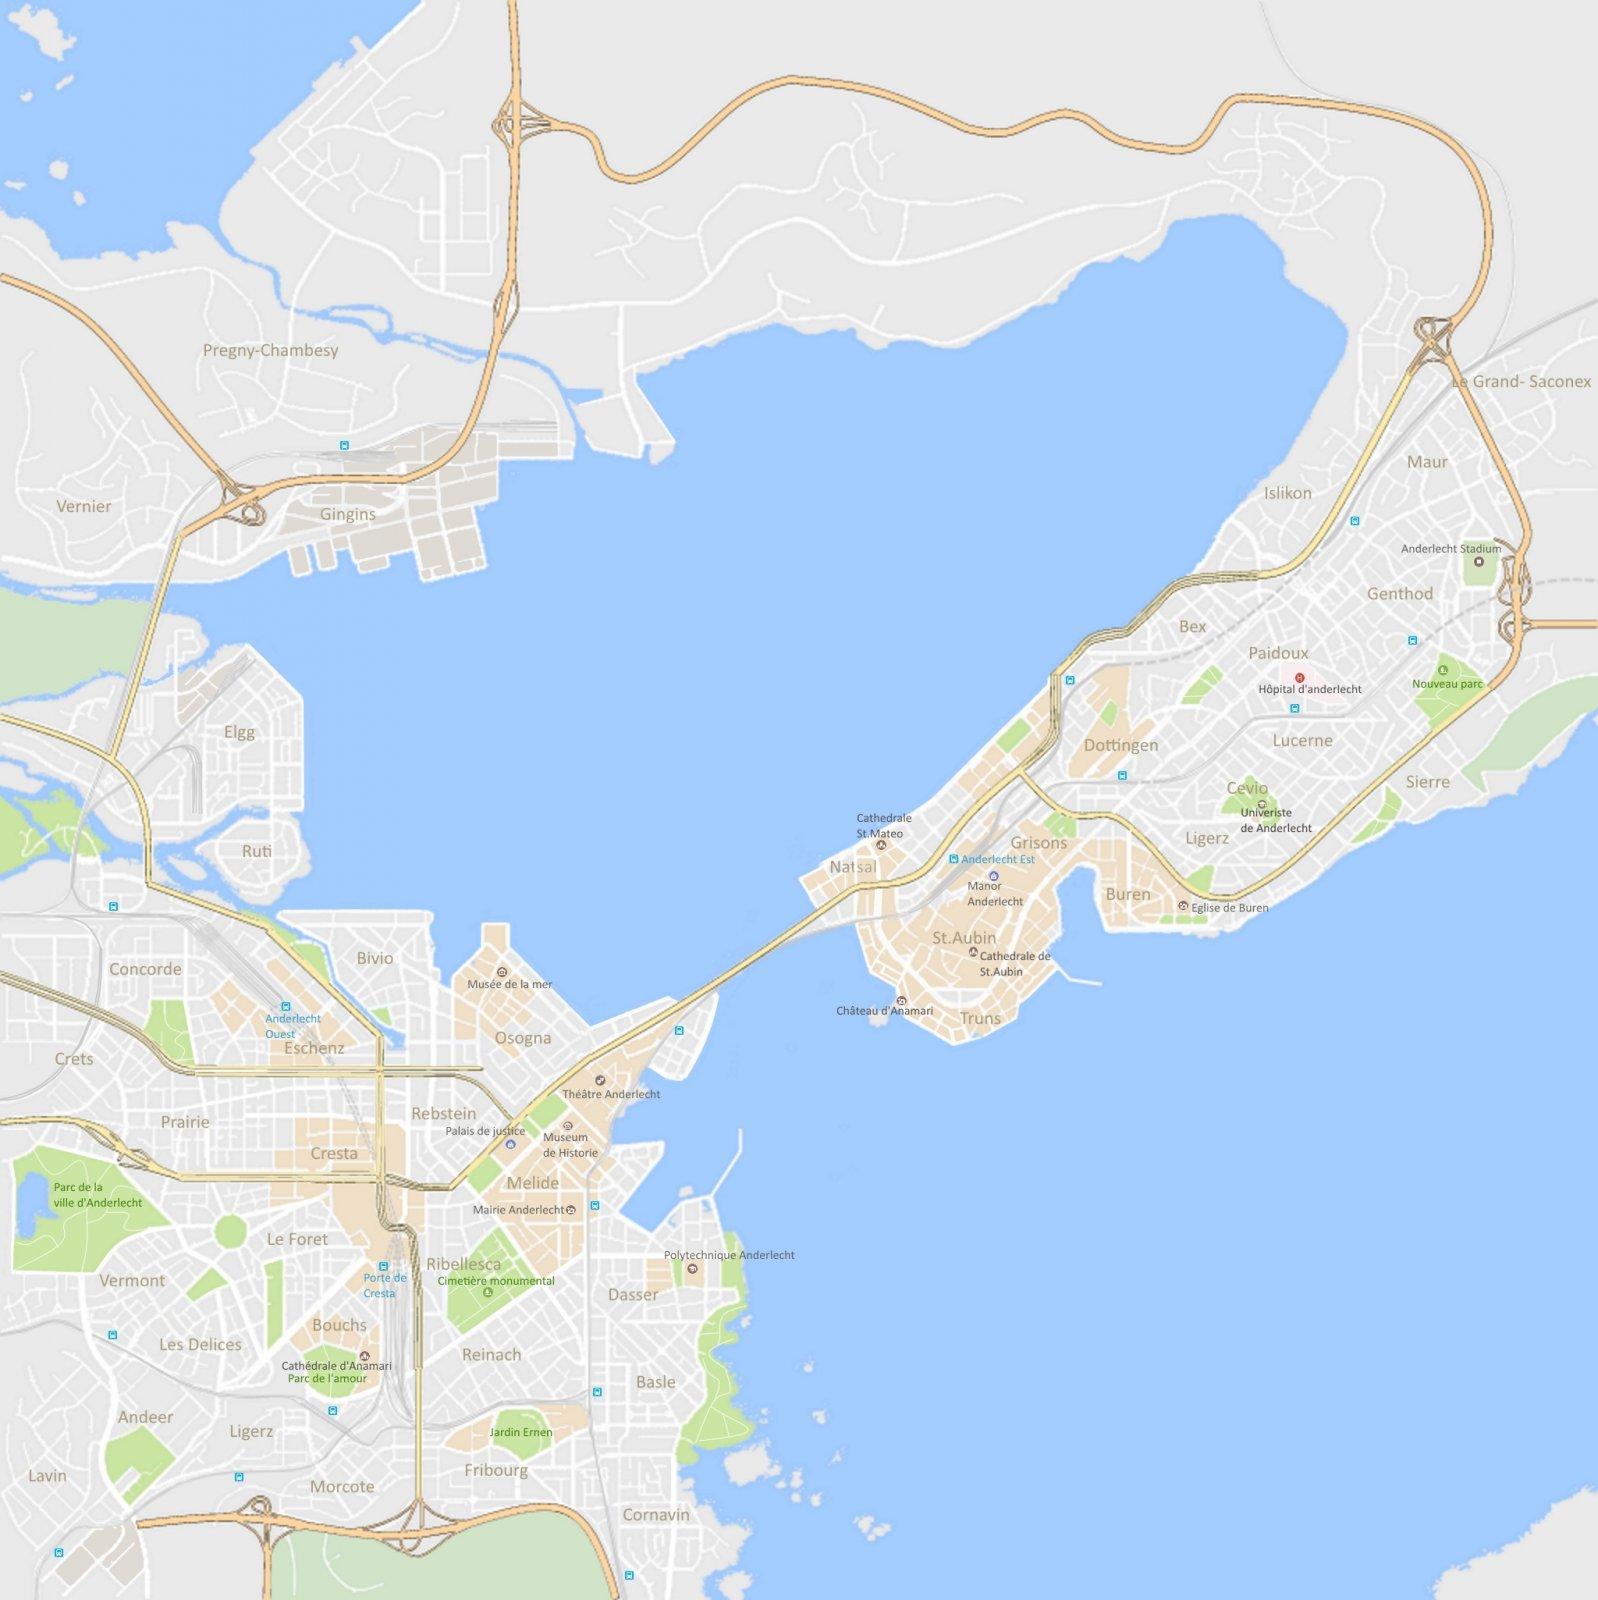 Anderlecht map.jpg